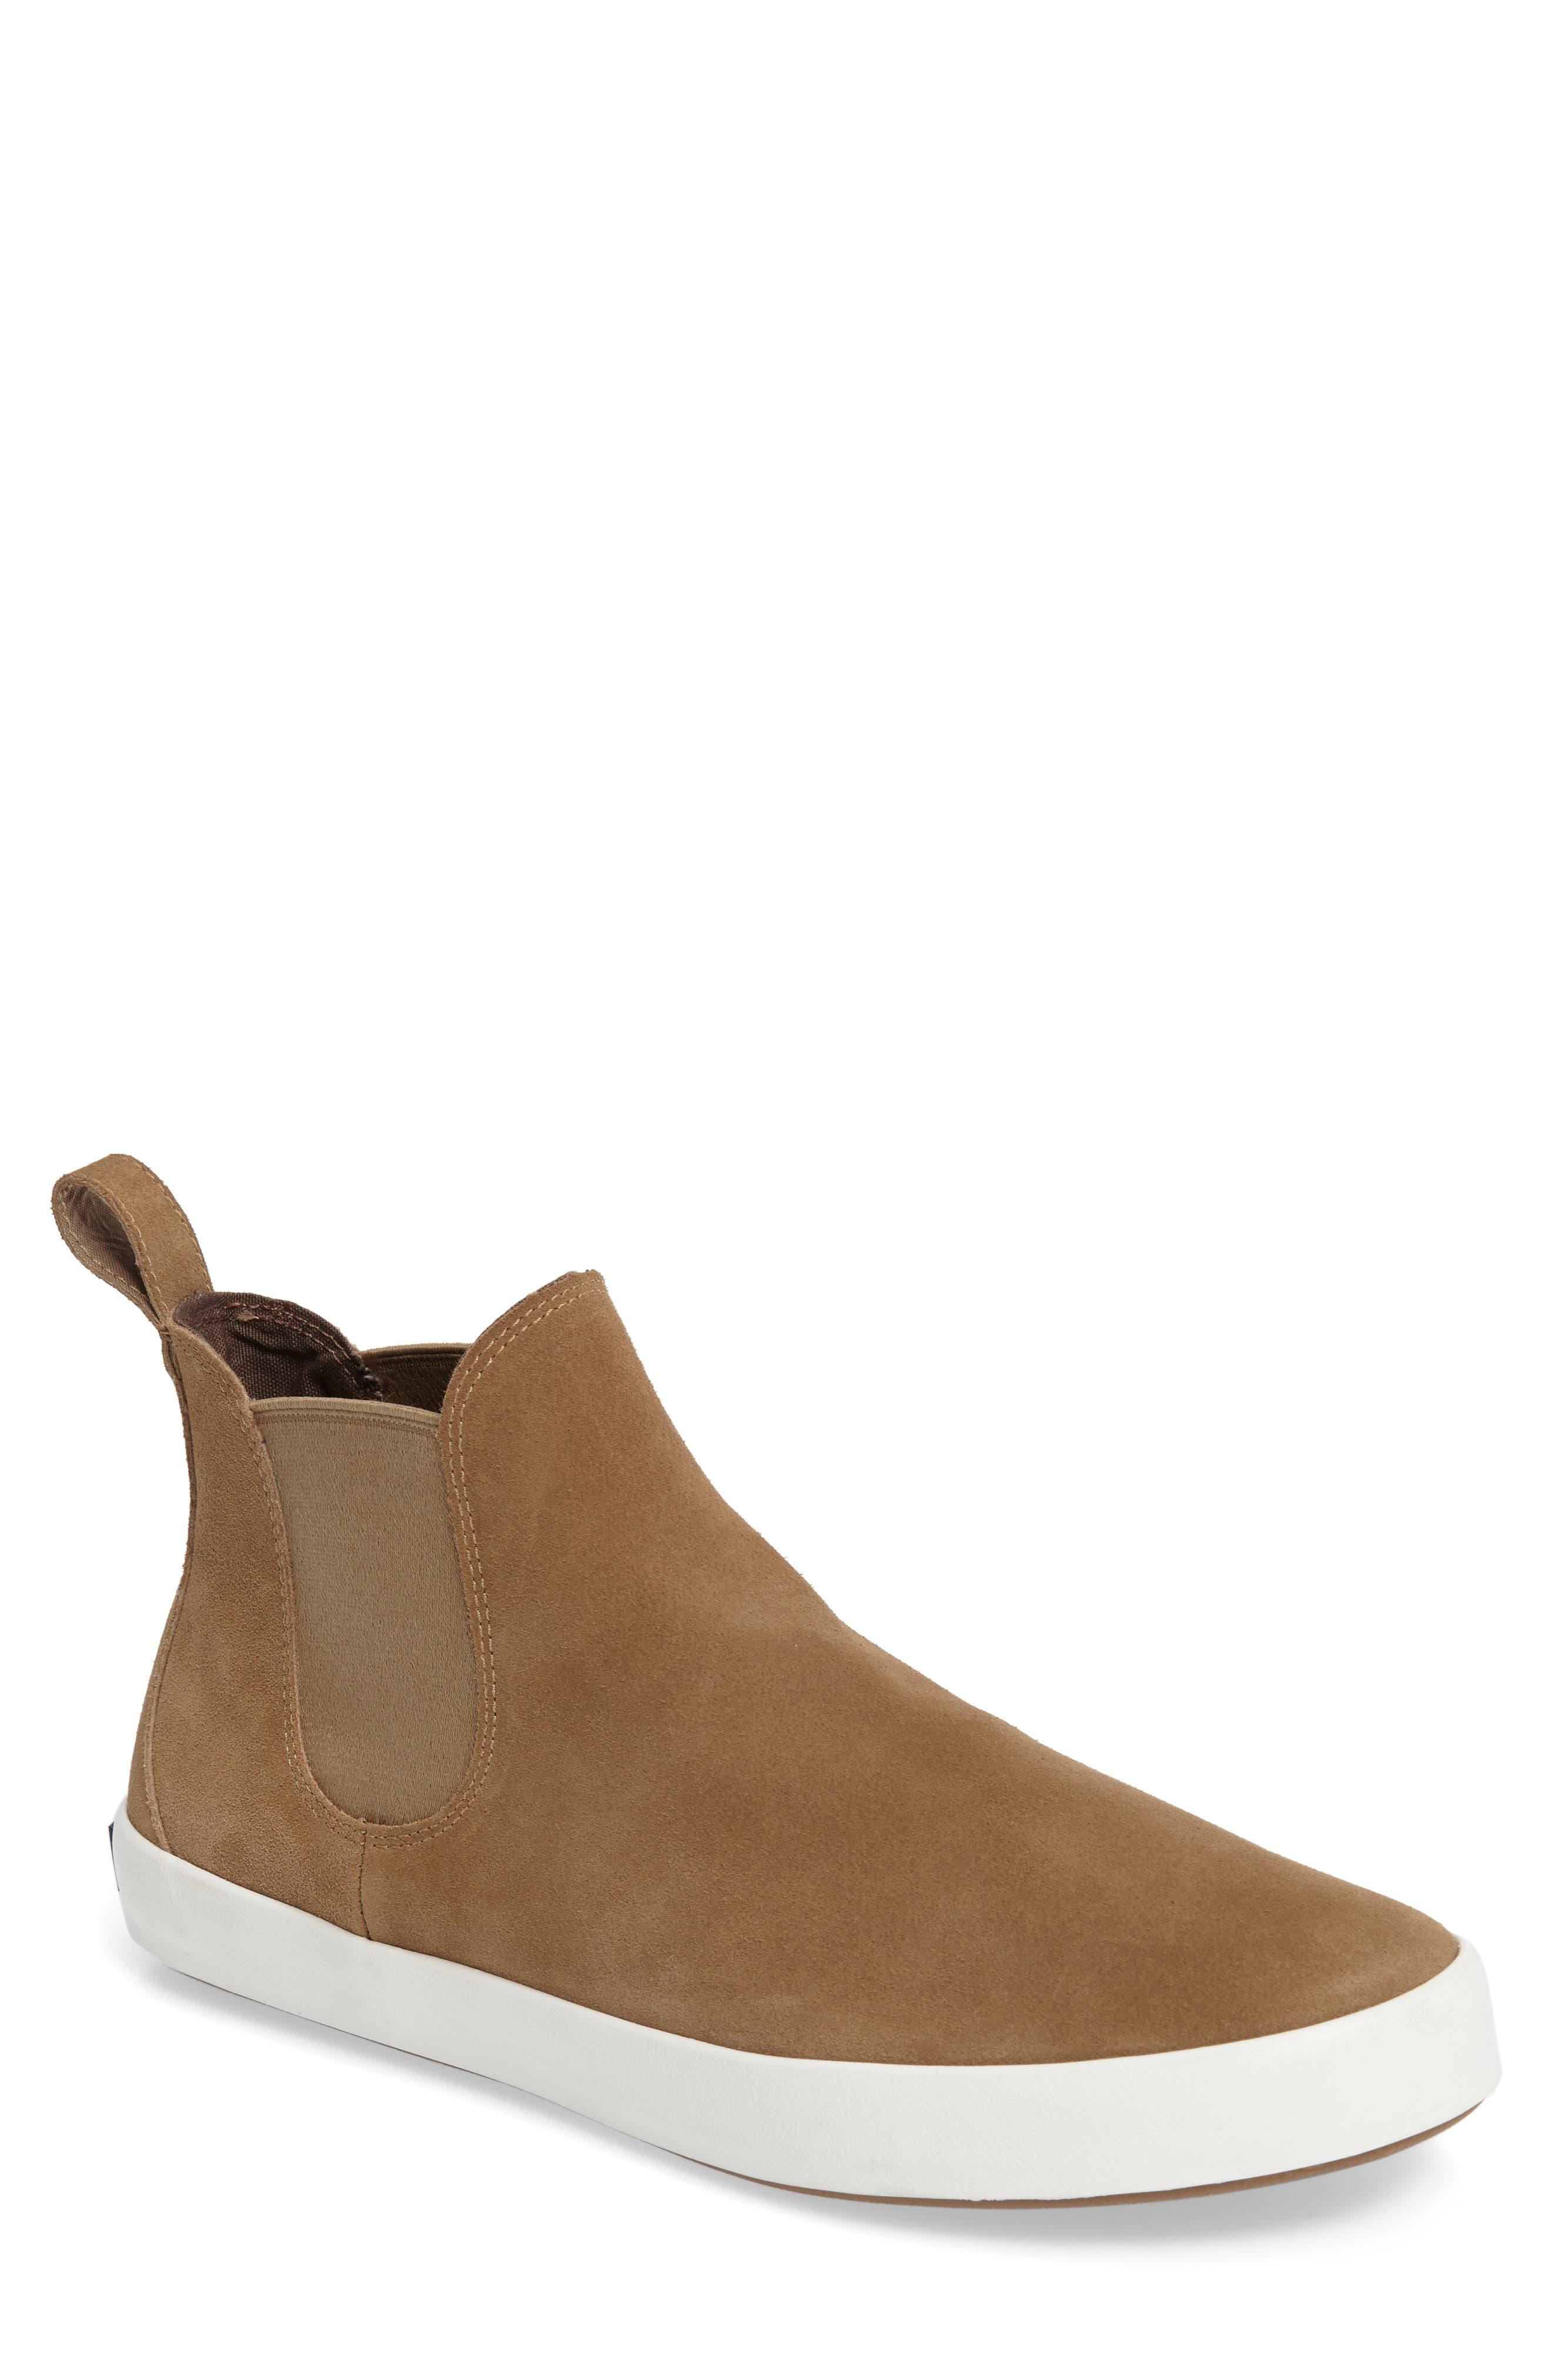 Alternate Image 1 Selected - Sperry Wahoo Chelsea Sneaker Boot (Men)